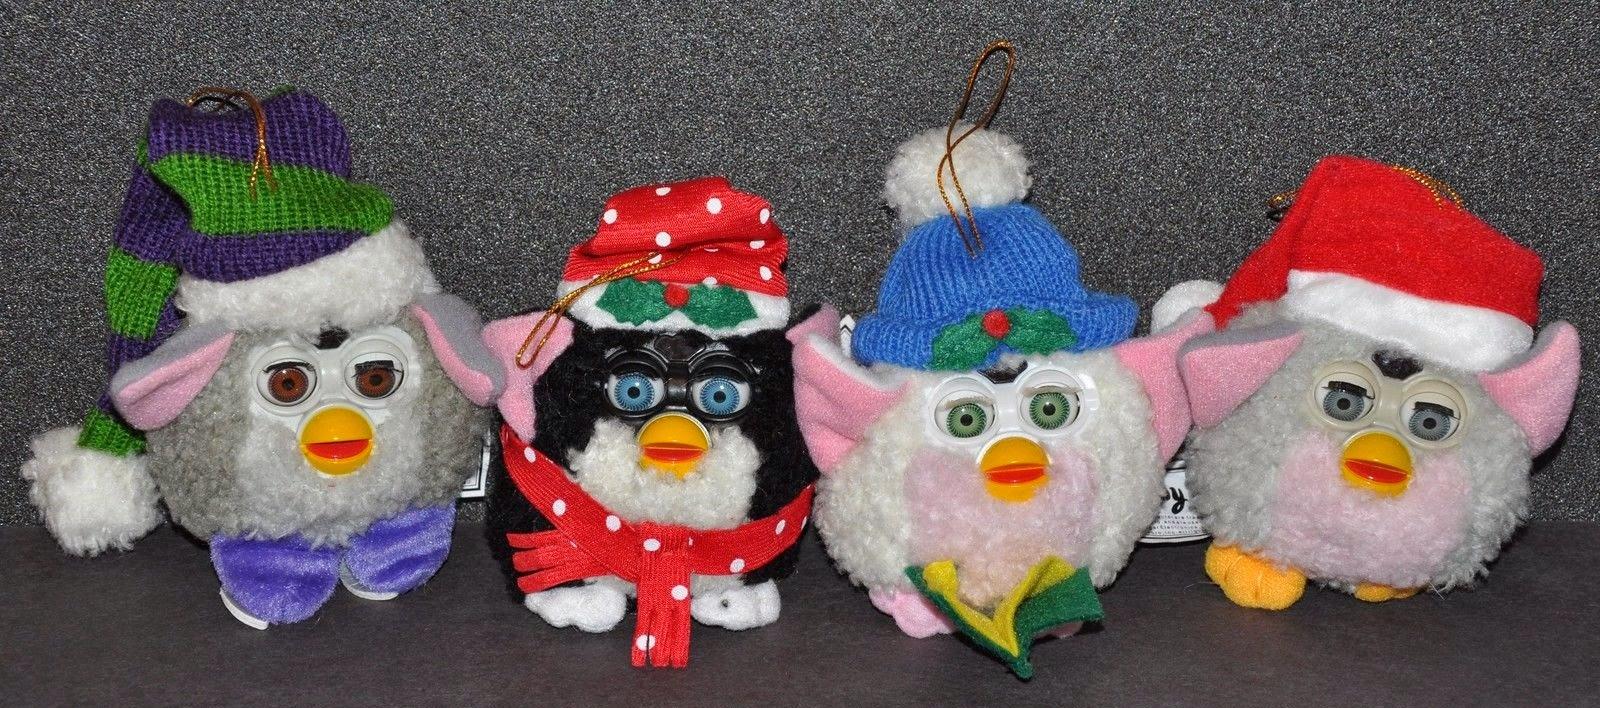 GO FURBY  1 Resource For Original Furby Fans Original Furby